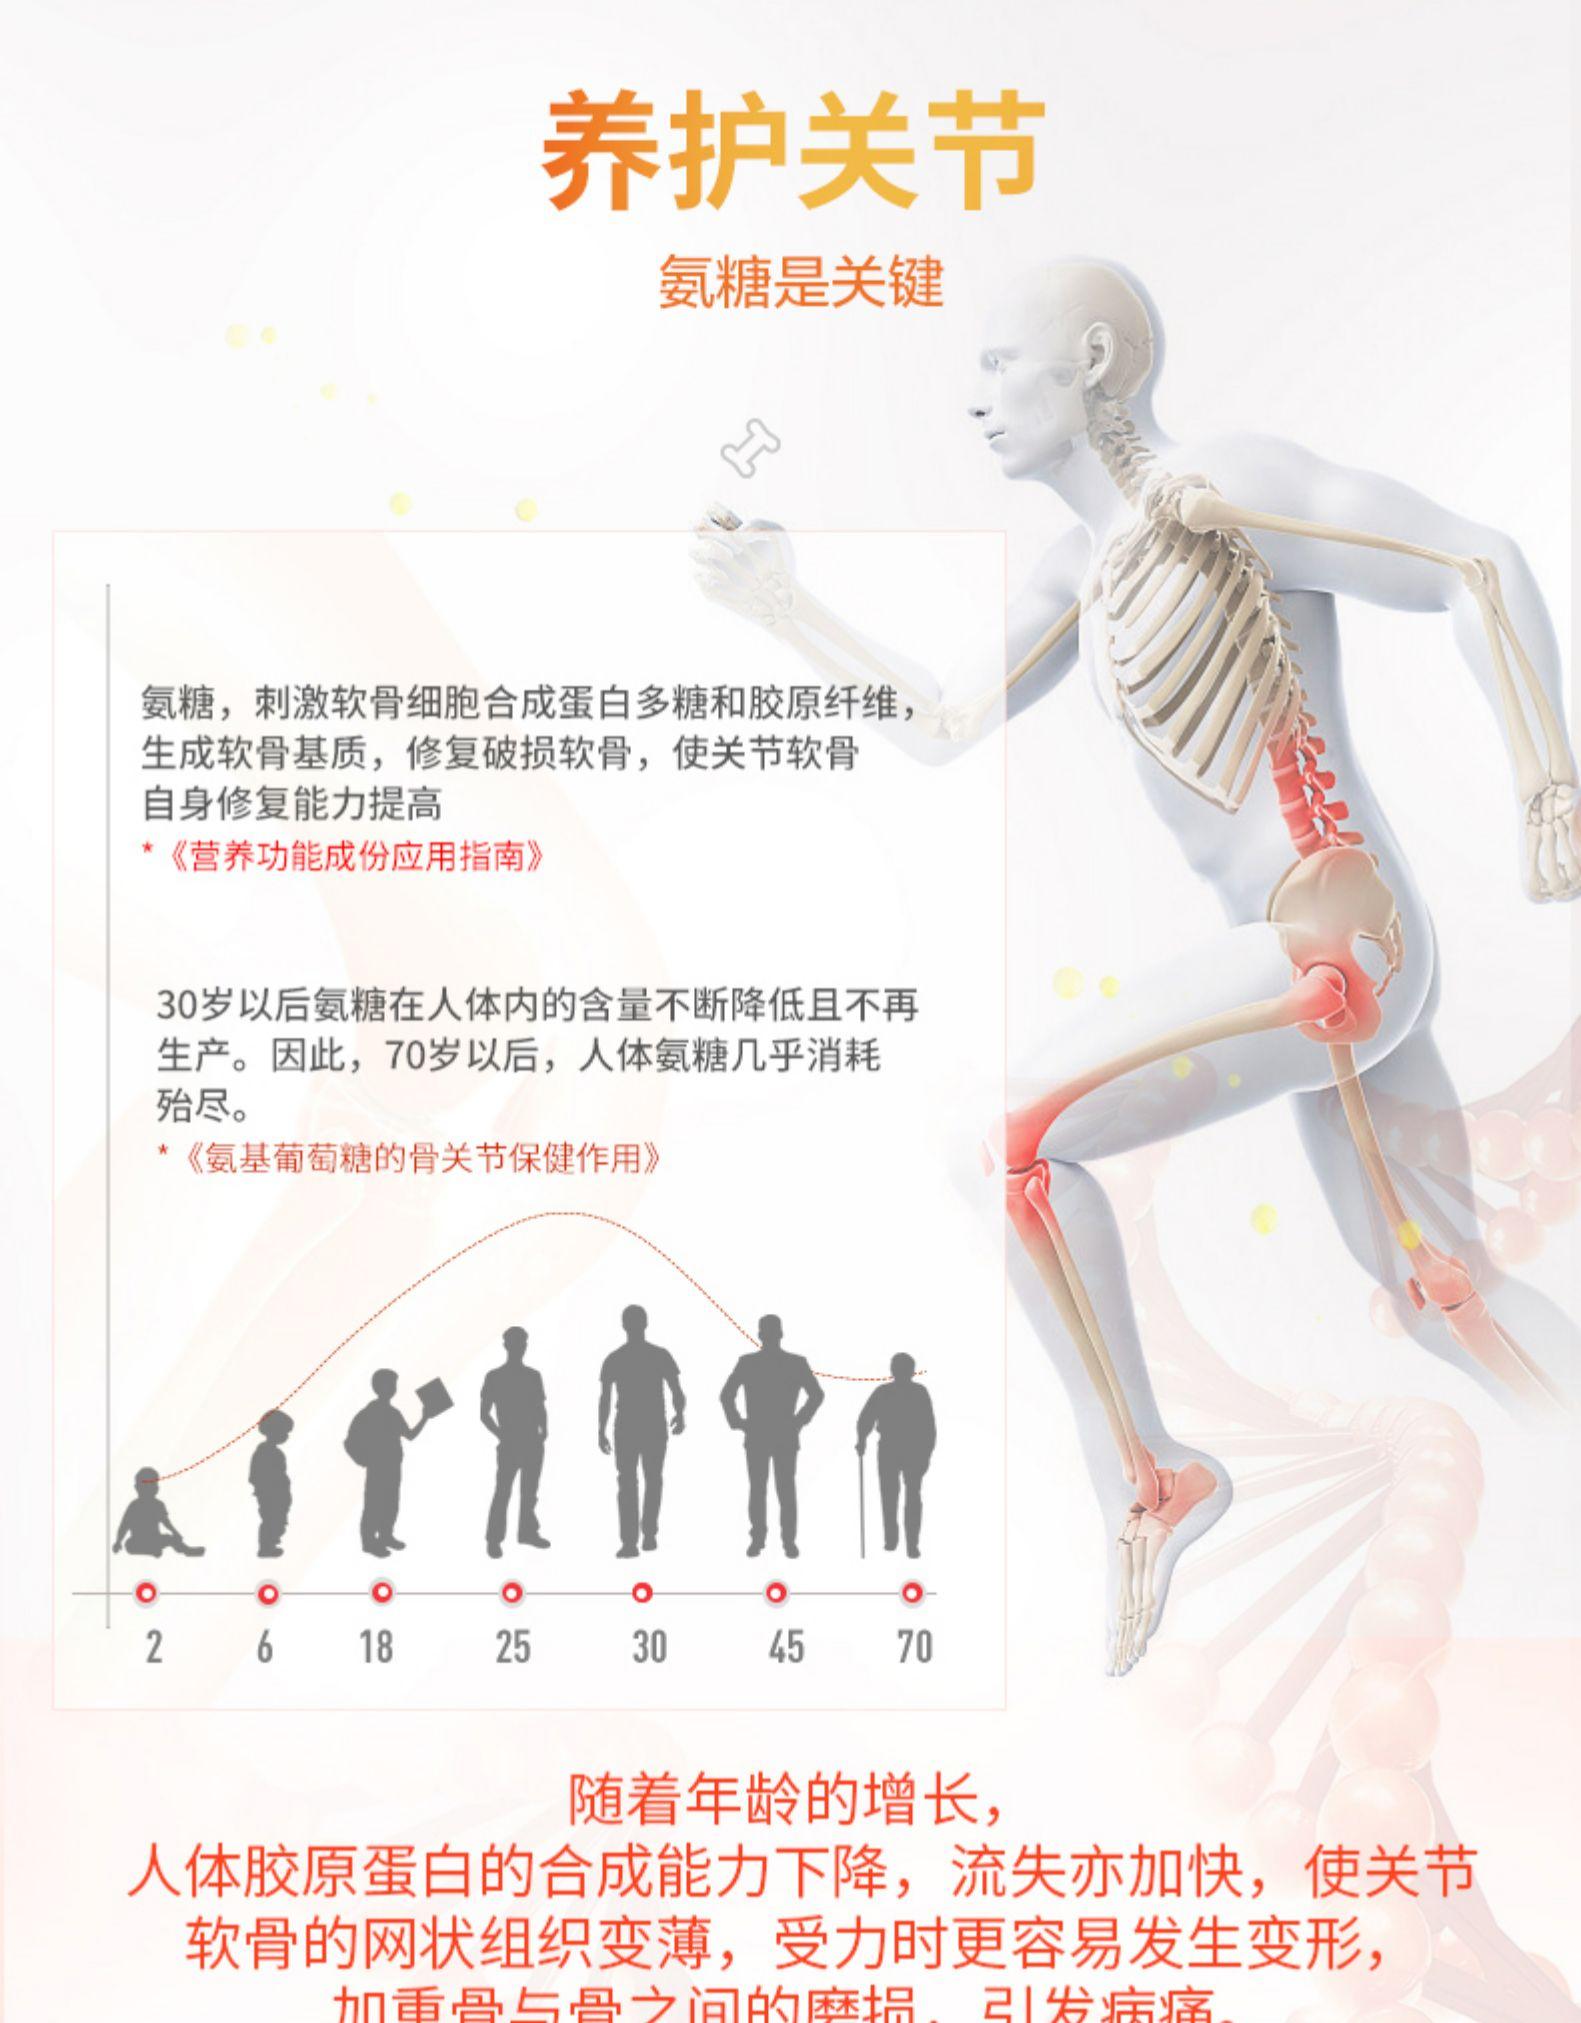 朗迪 氨糖软骨素 碳酸钙维生素D3钙片 关节润滑养护 40片 图3